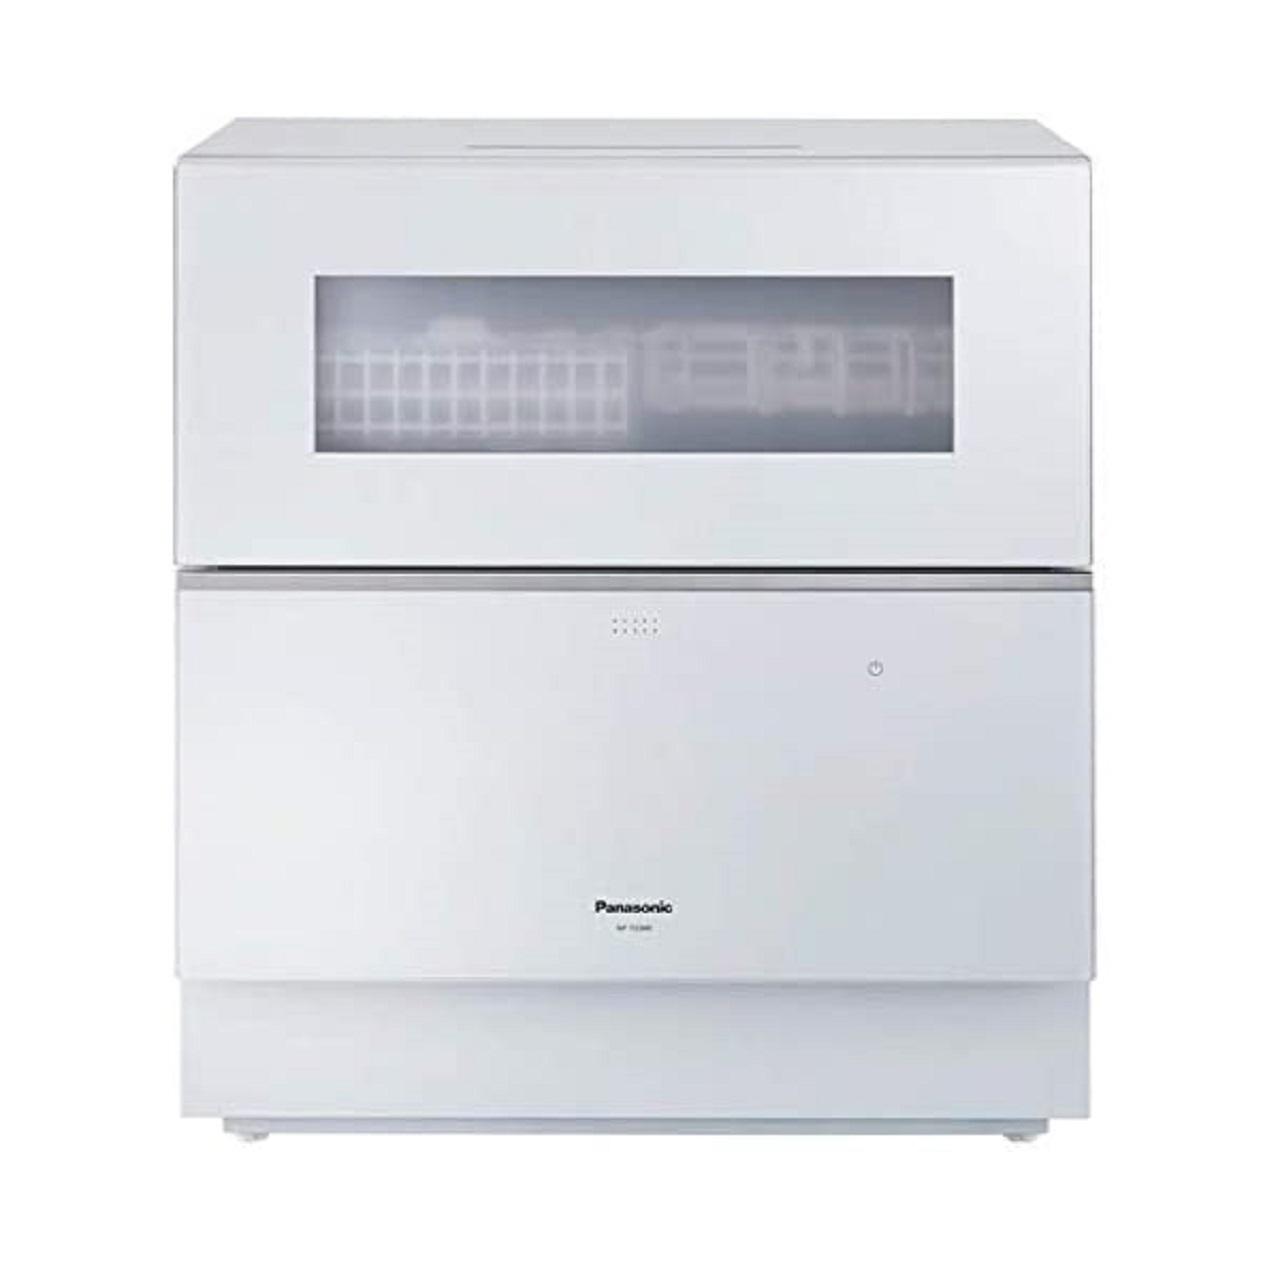 パナソニックNP-TZ300食器洗い乾燥機